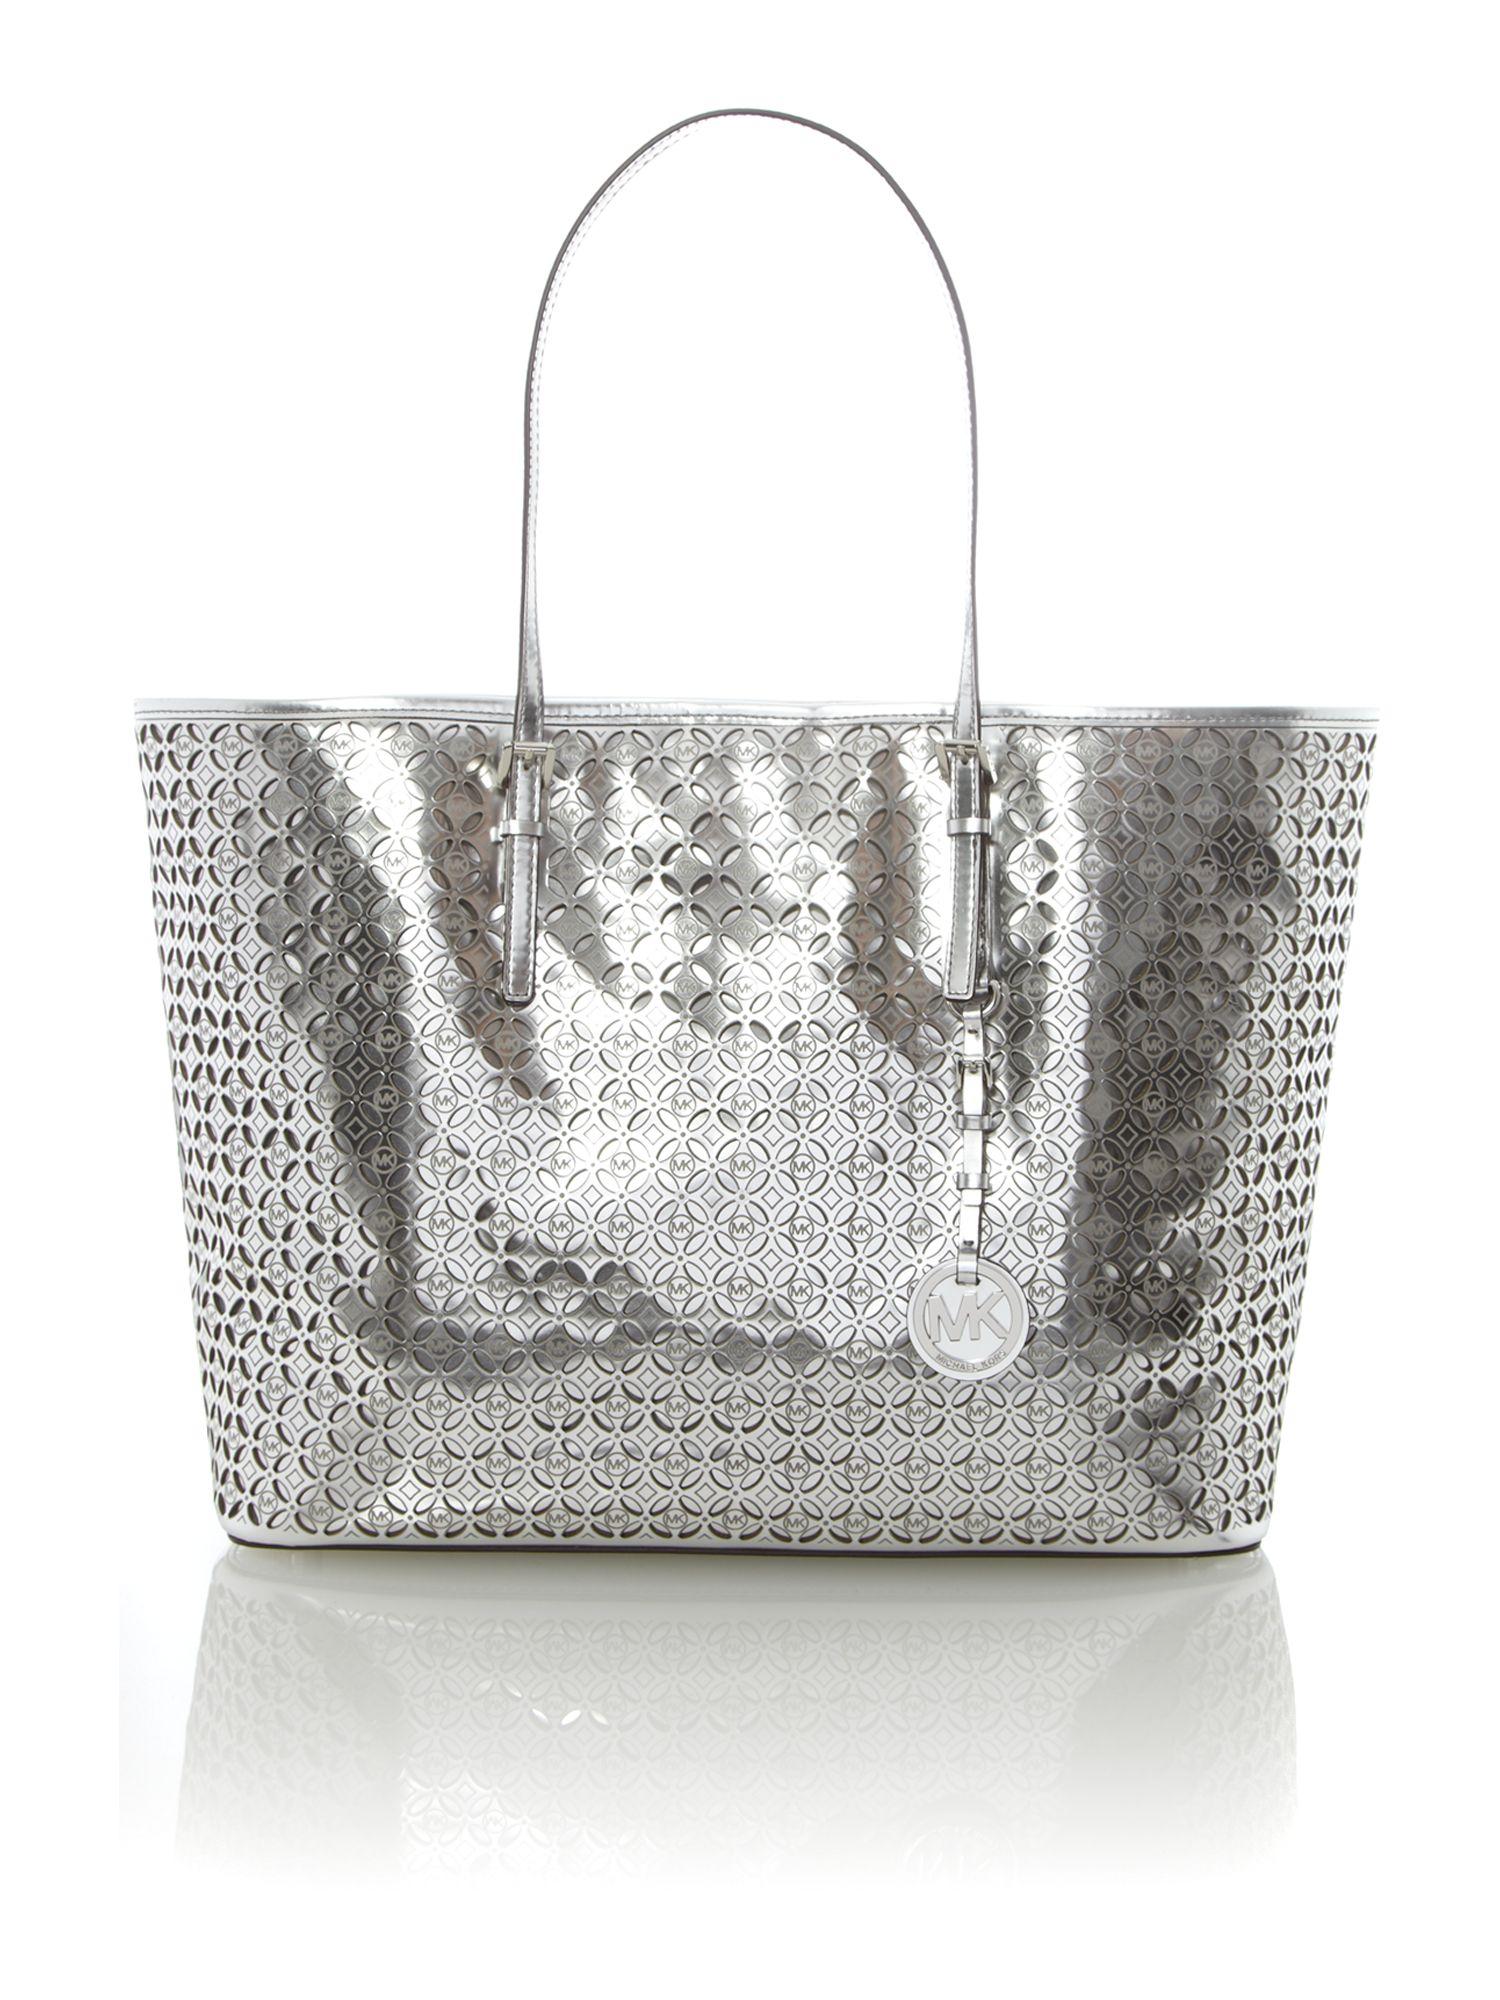 e36d117646 coupon code for latest handbags michael kors ava silver small satchel bag  uk gpt28tpx uk cheap salecheapest price 44d87 de0b3  czech lyst michael kors  ...